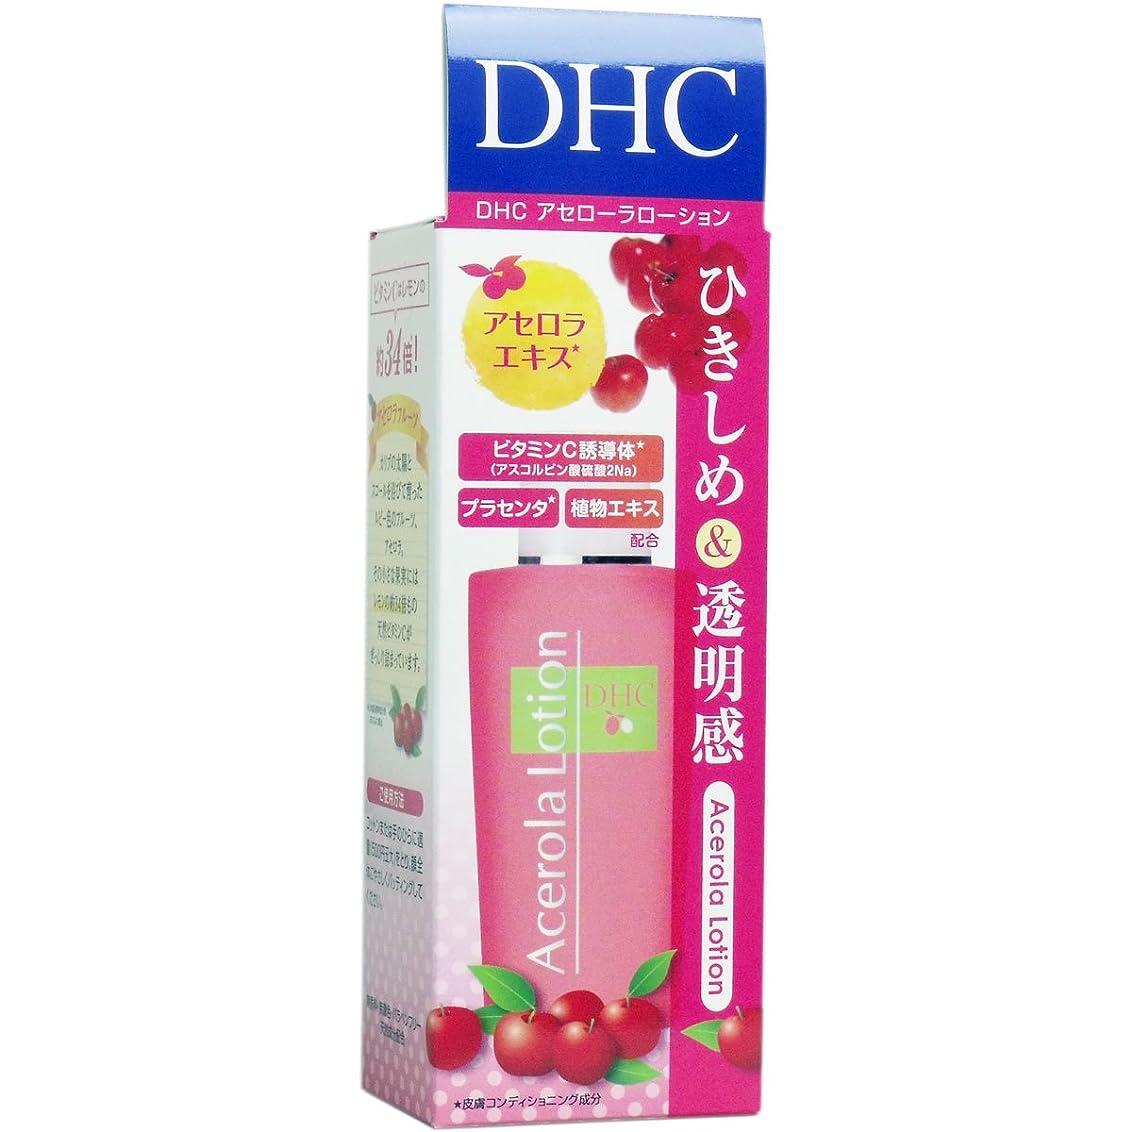 セーター映画沈黙【DHC】DHC アセローラローション(SS) 40ml ×5個セット